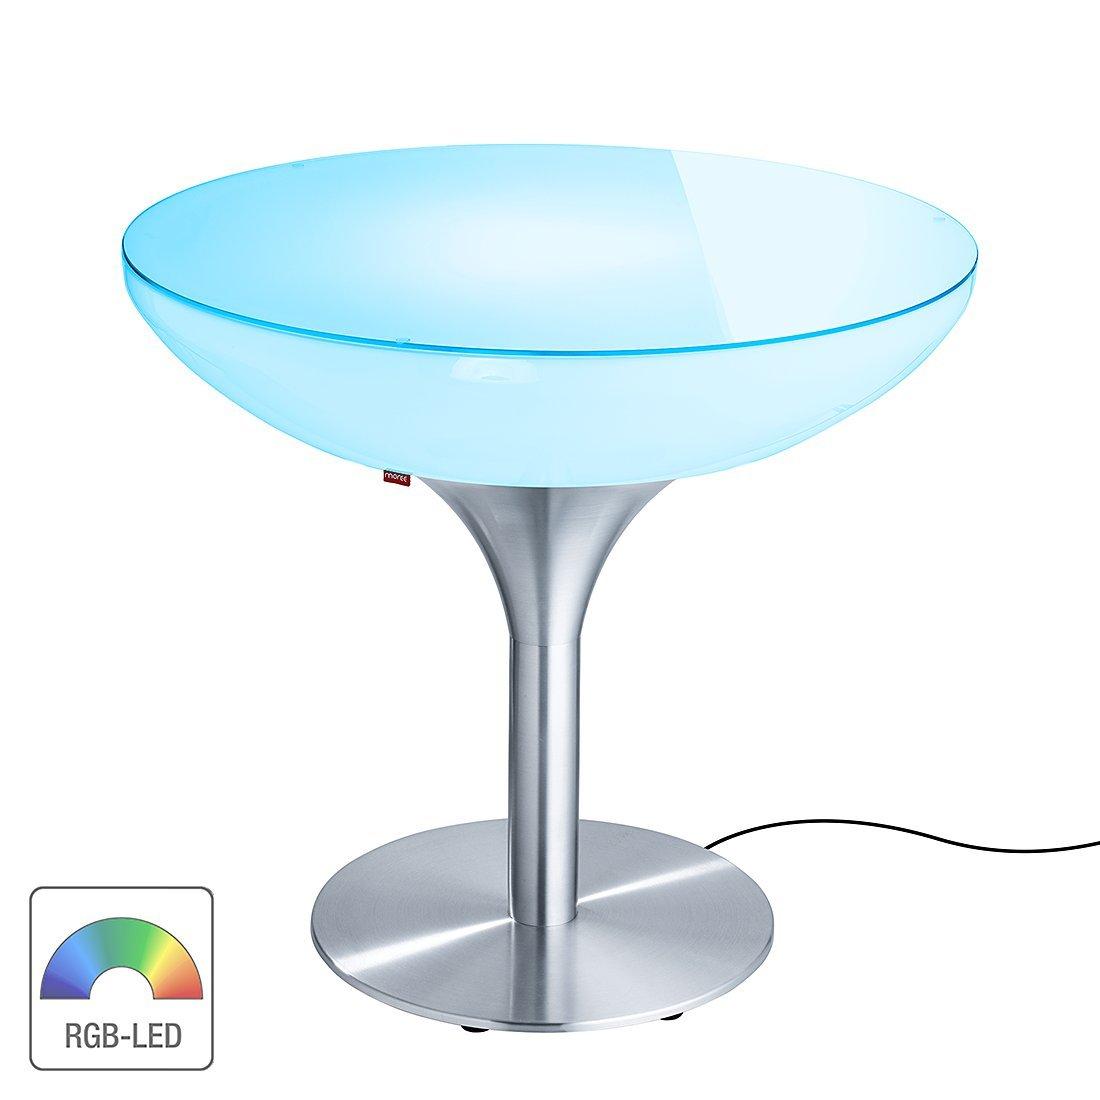 Couchtisch Lounge Größe: 75 cm H x 84 cm Ø günstig online kaufen